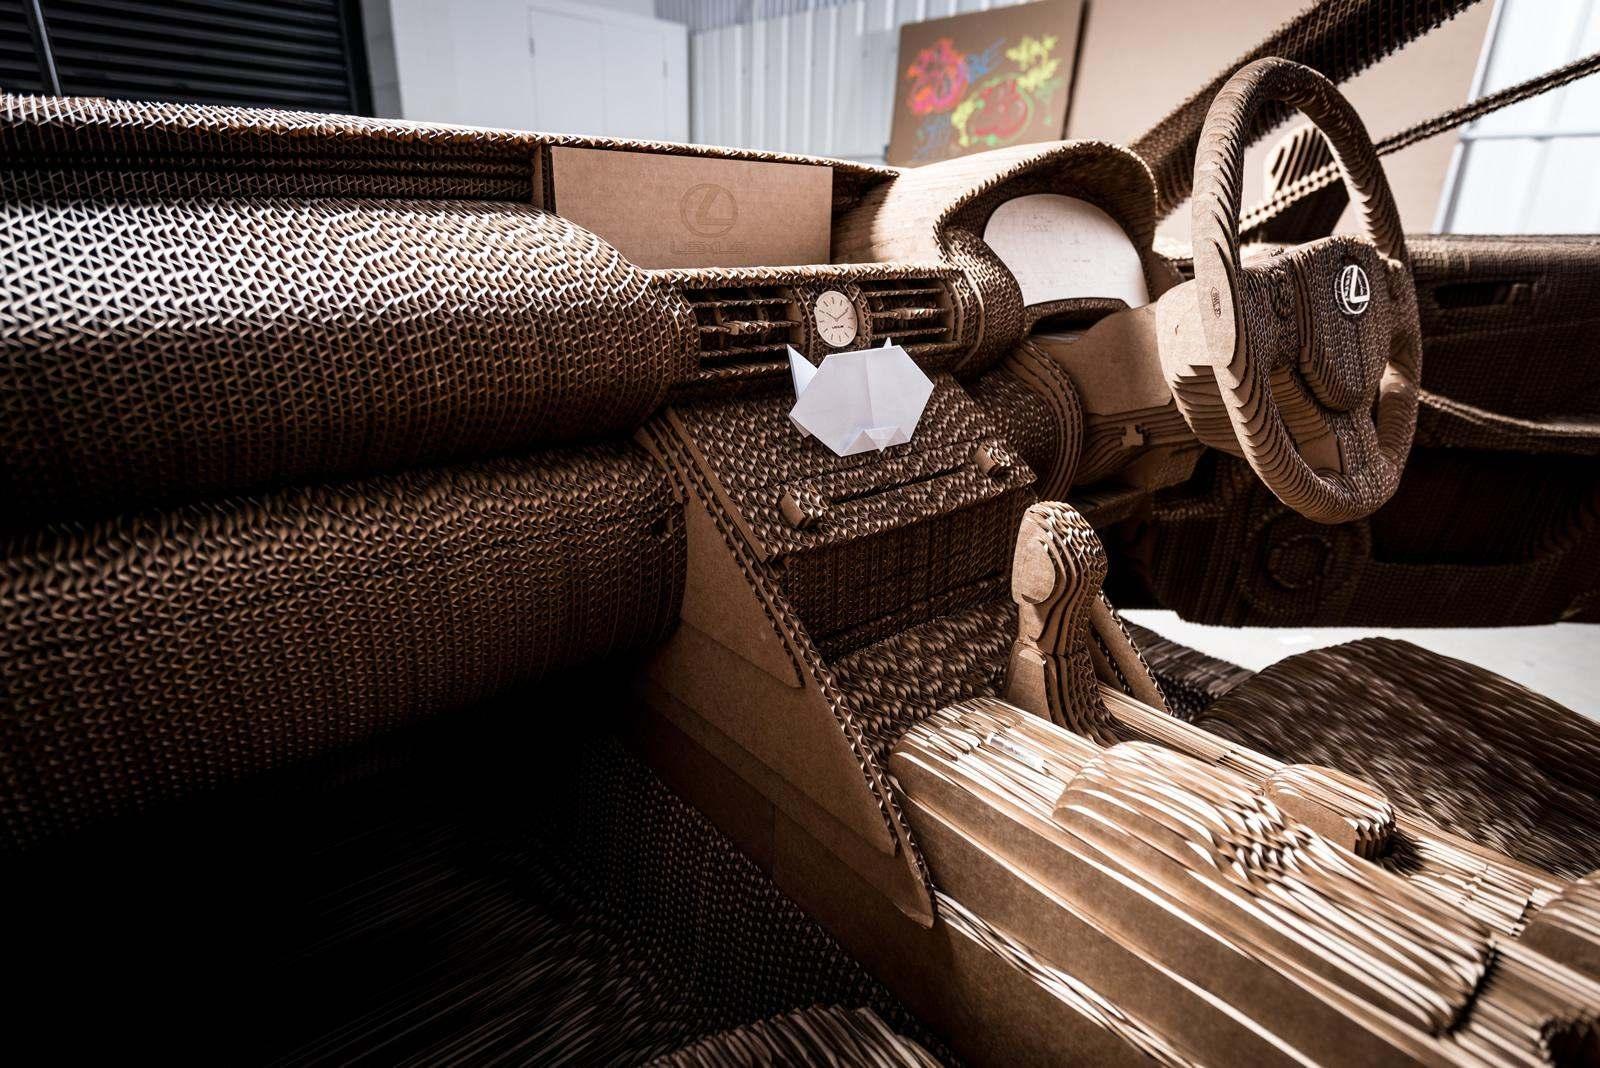 [Image: S0-Lexus-devoile-une-IS-roulante-en-carton-363723.jpg]